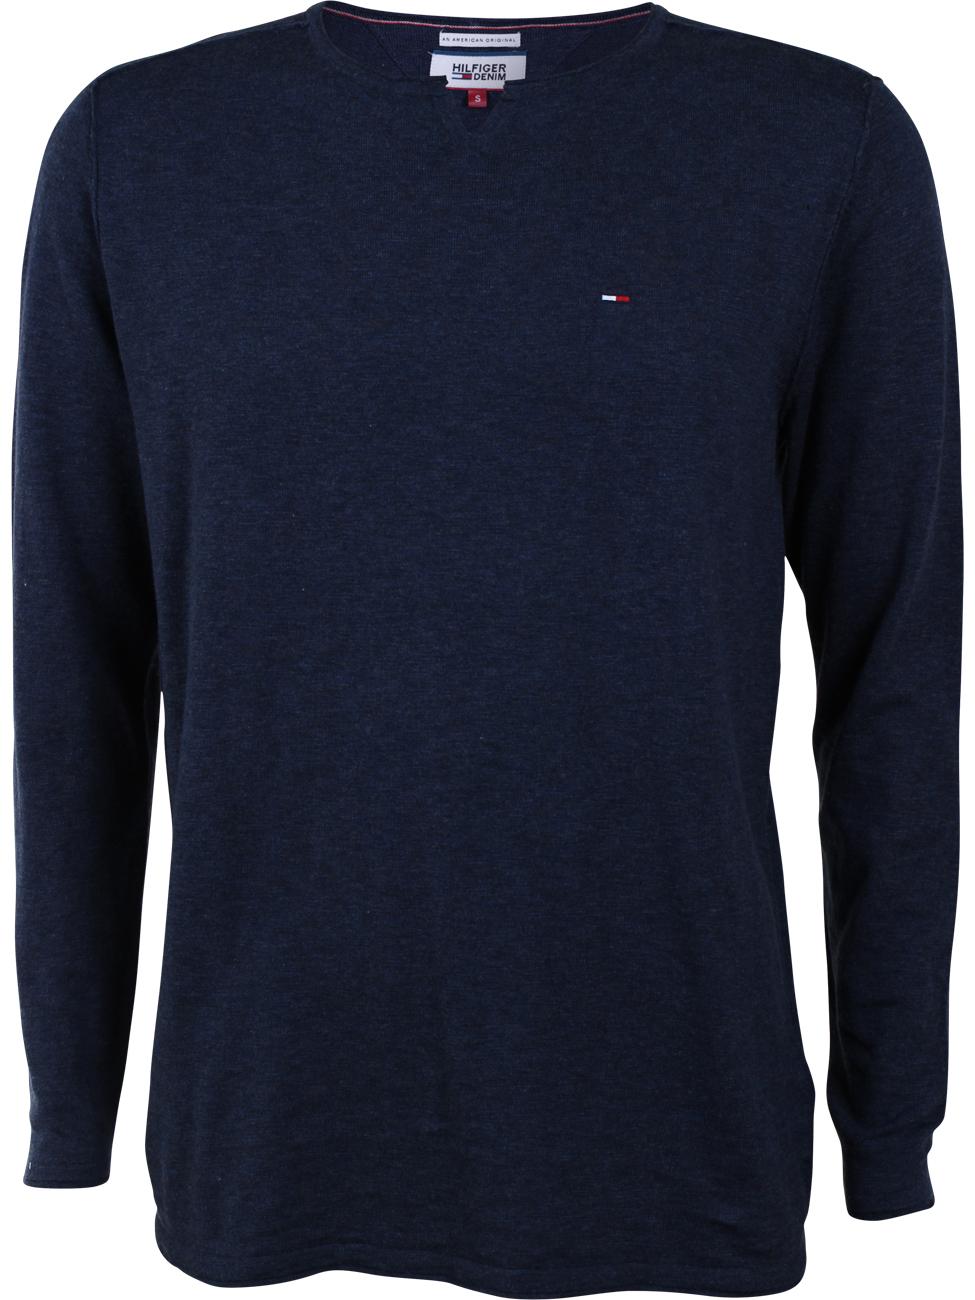 30% auf Alles bei Jeans Direct (gilt auch für Sale) ab 40€, z.B. Leichter Tommy Hilfiger Sweater